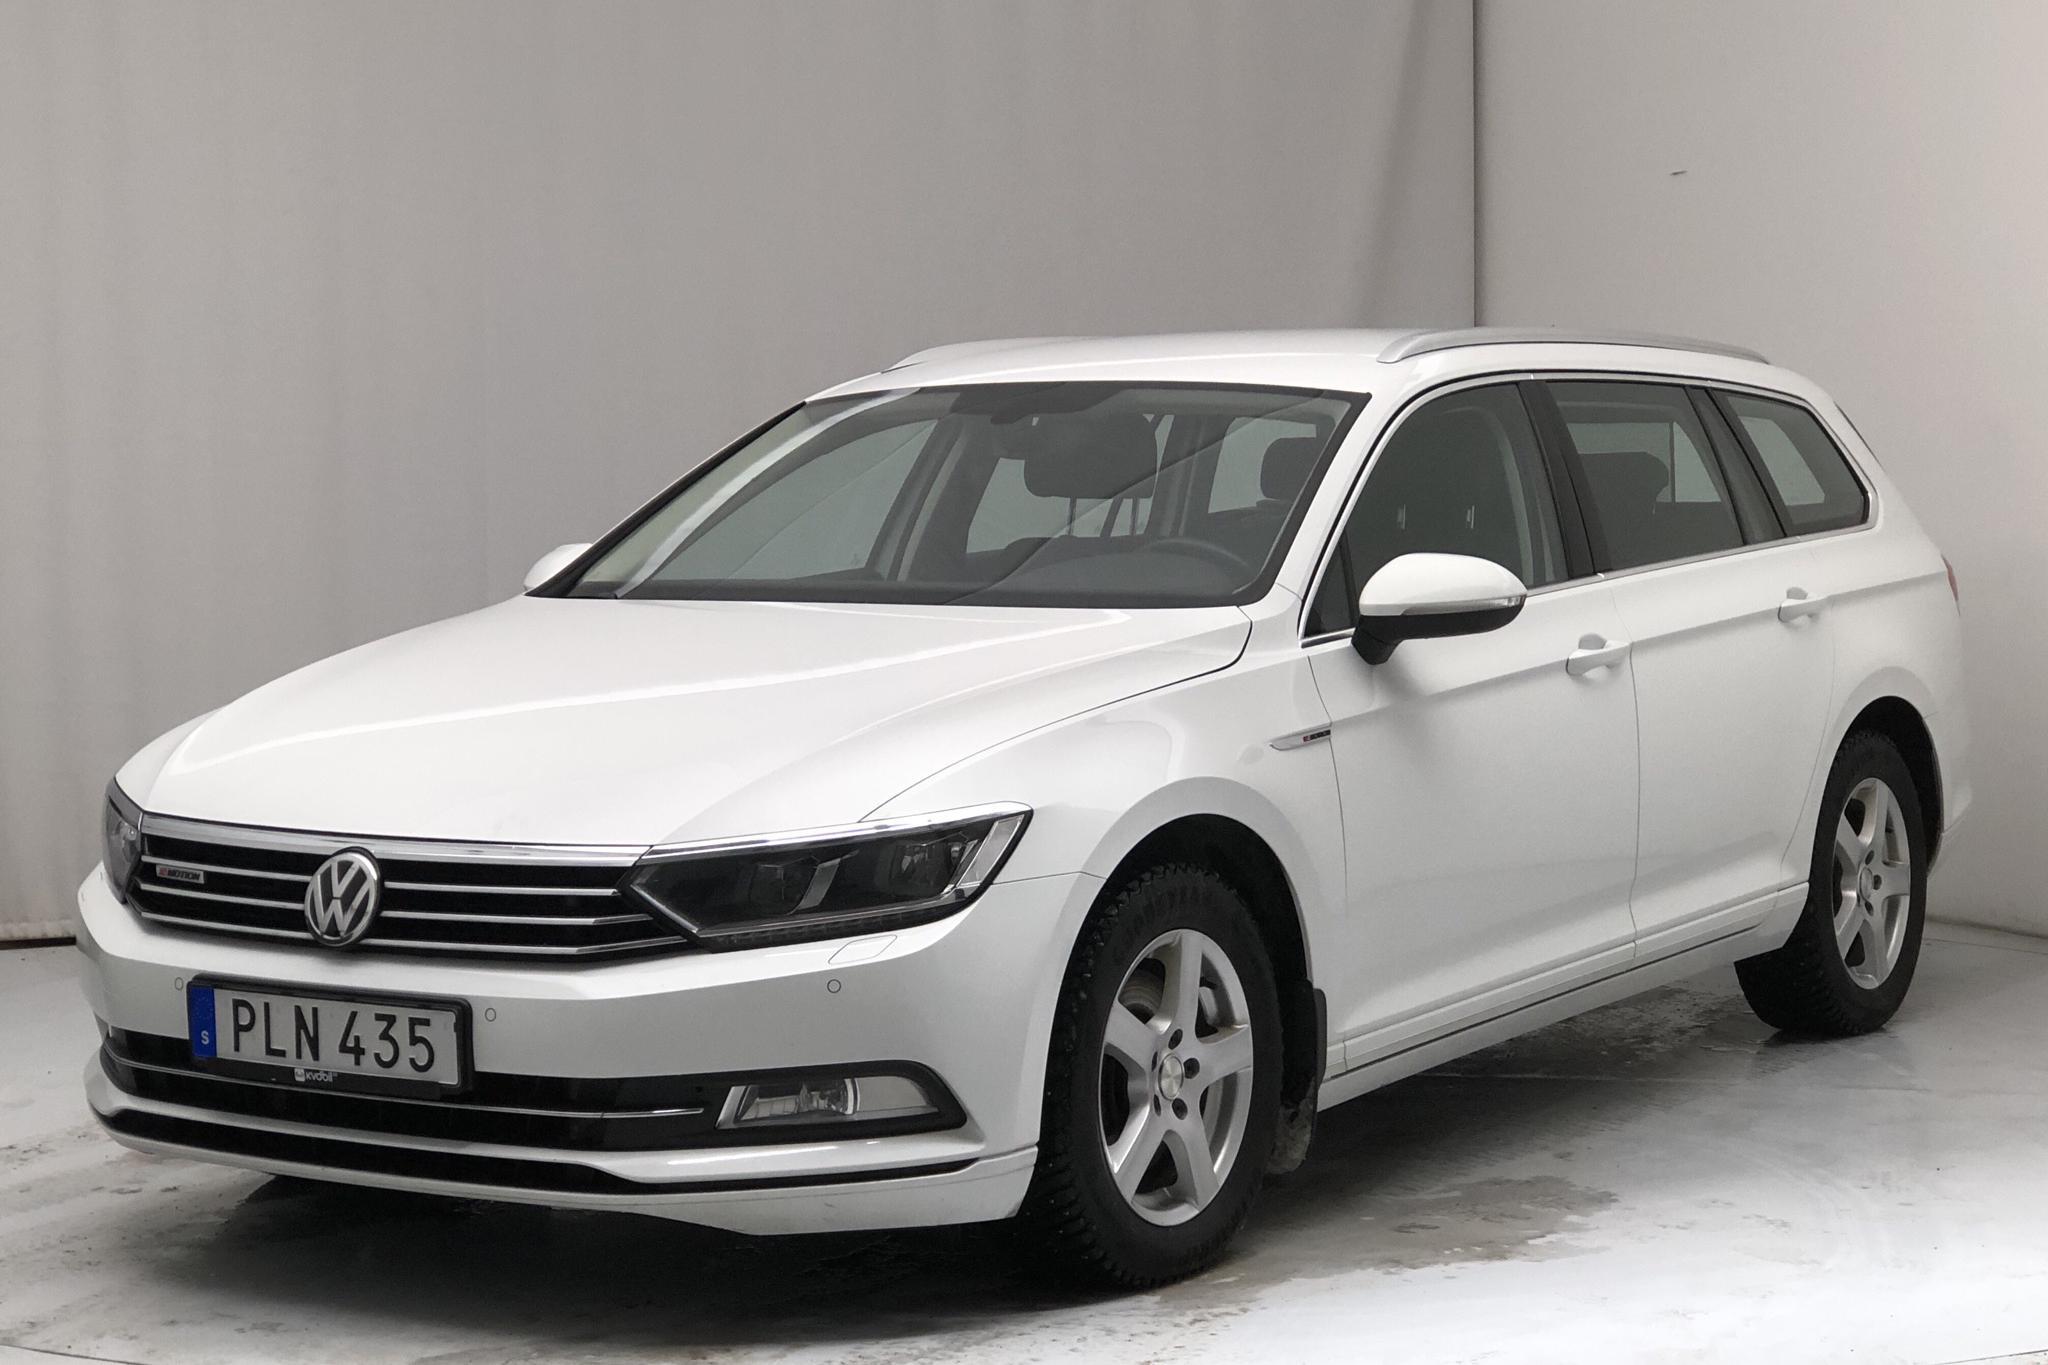 VW Passat 2.0 TDI Sportscombi 4MOTION (150hk) - 11 438 mil - Manuell - vit - 2018